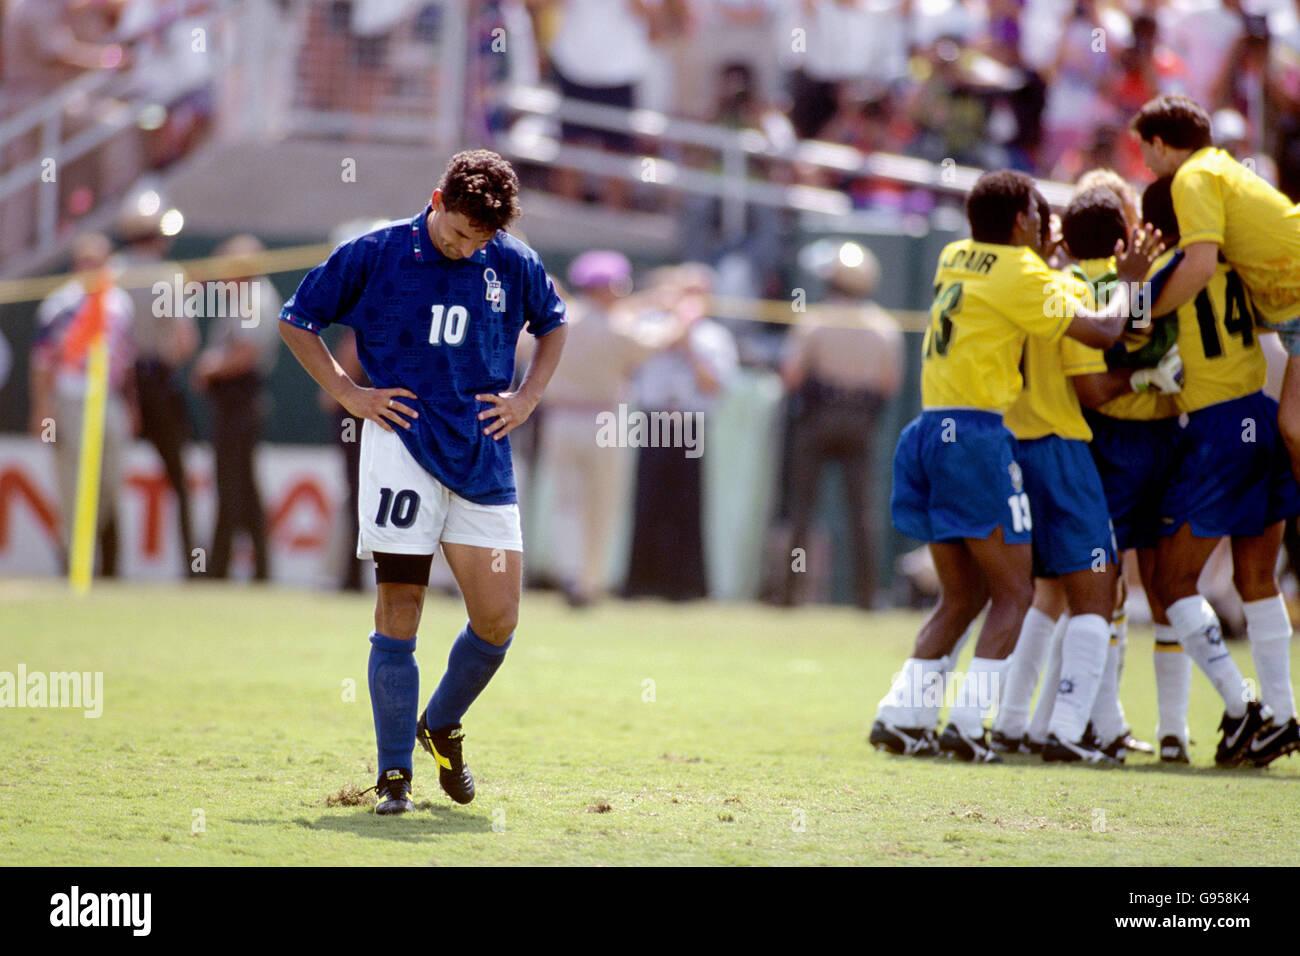 Roberto 1994 baggio photos roberto 1994 baggio images alamy - Coupe du monde football 1994 ...